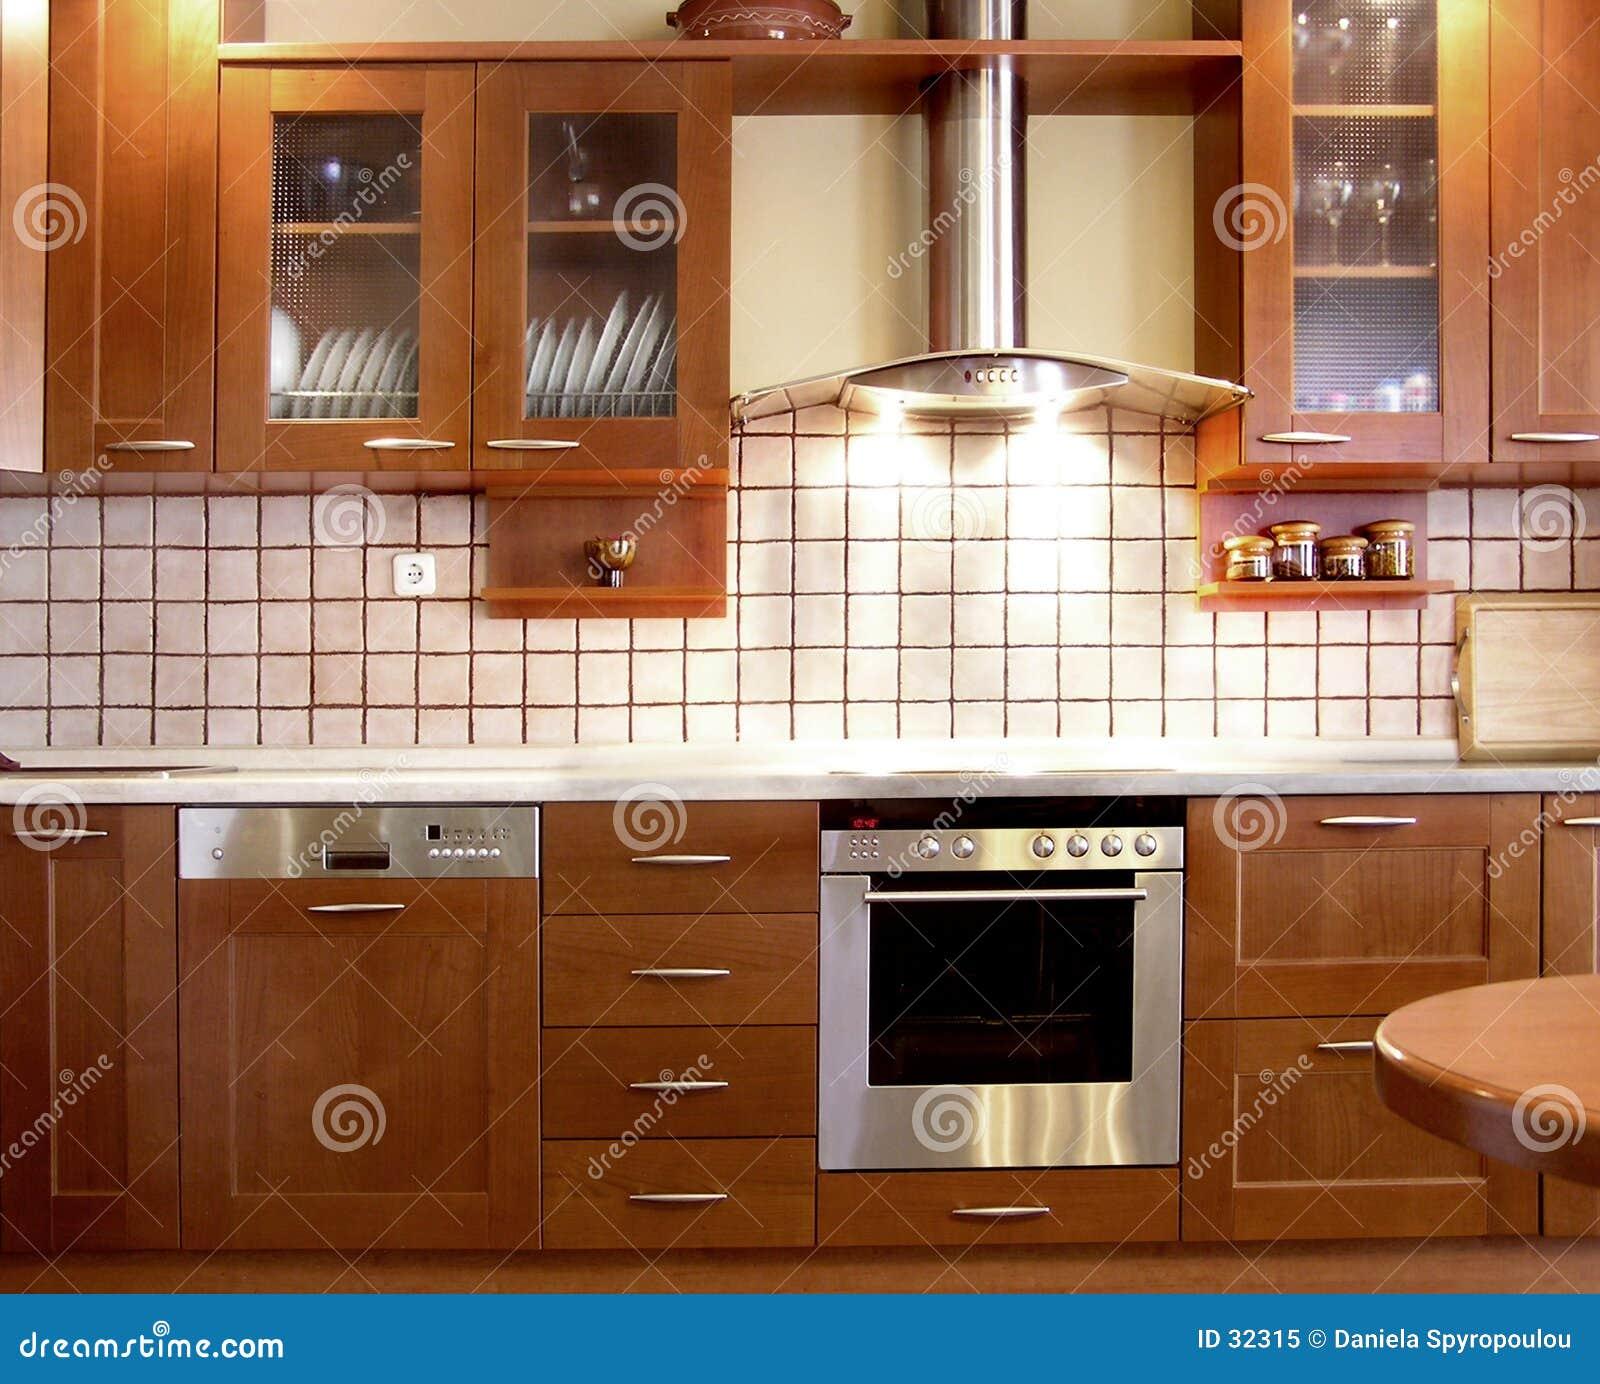 Projeto Da Cozinha Da Cereja Foto de Stock Royalty Free Imagem  #B24A19 1300 1142